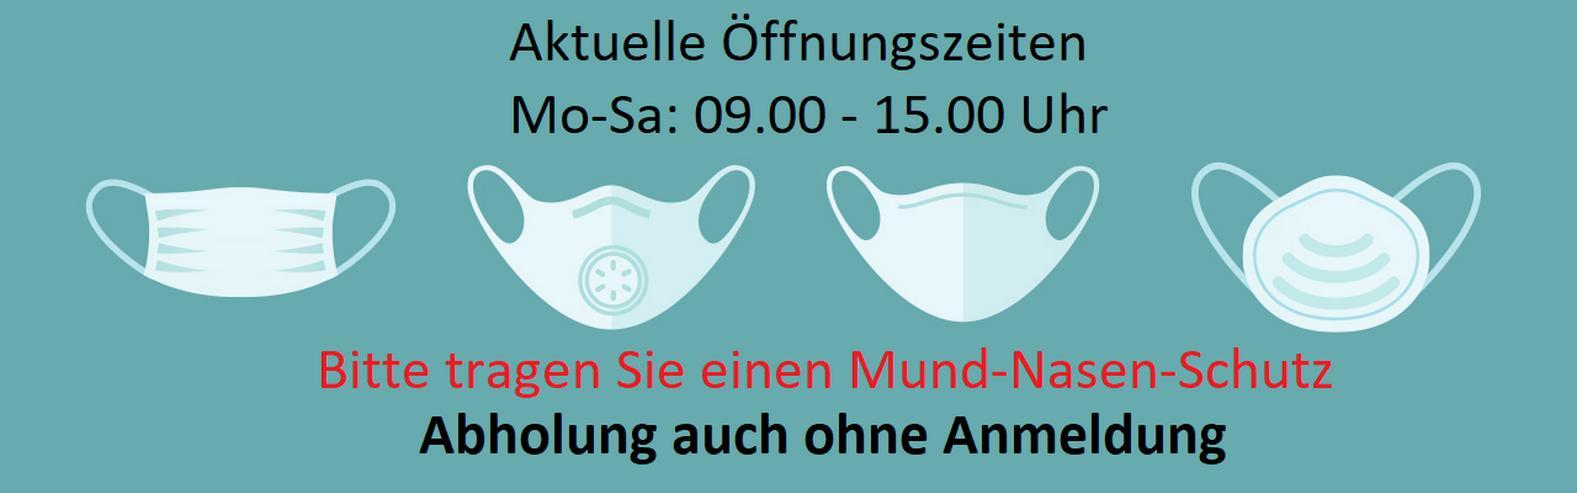 Bild 2: Umzugskarton Profi (57 x 35 x 31) für 1,70€